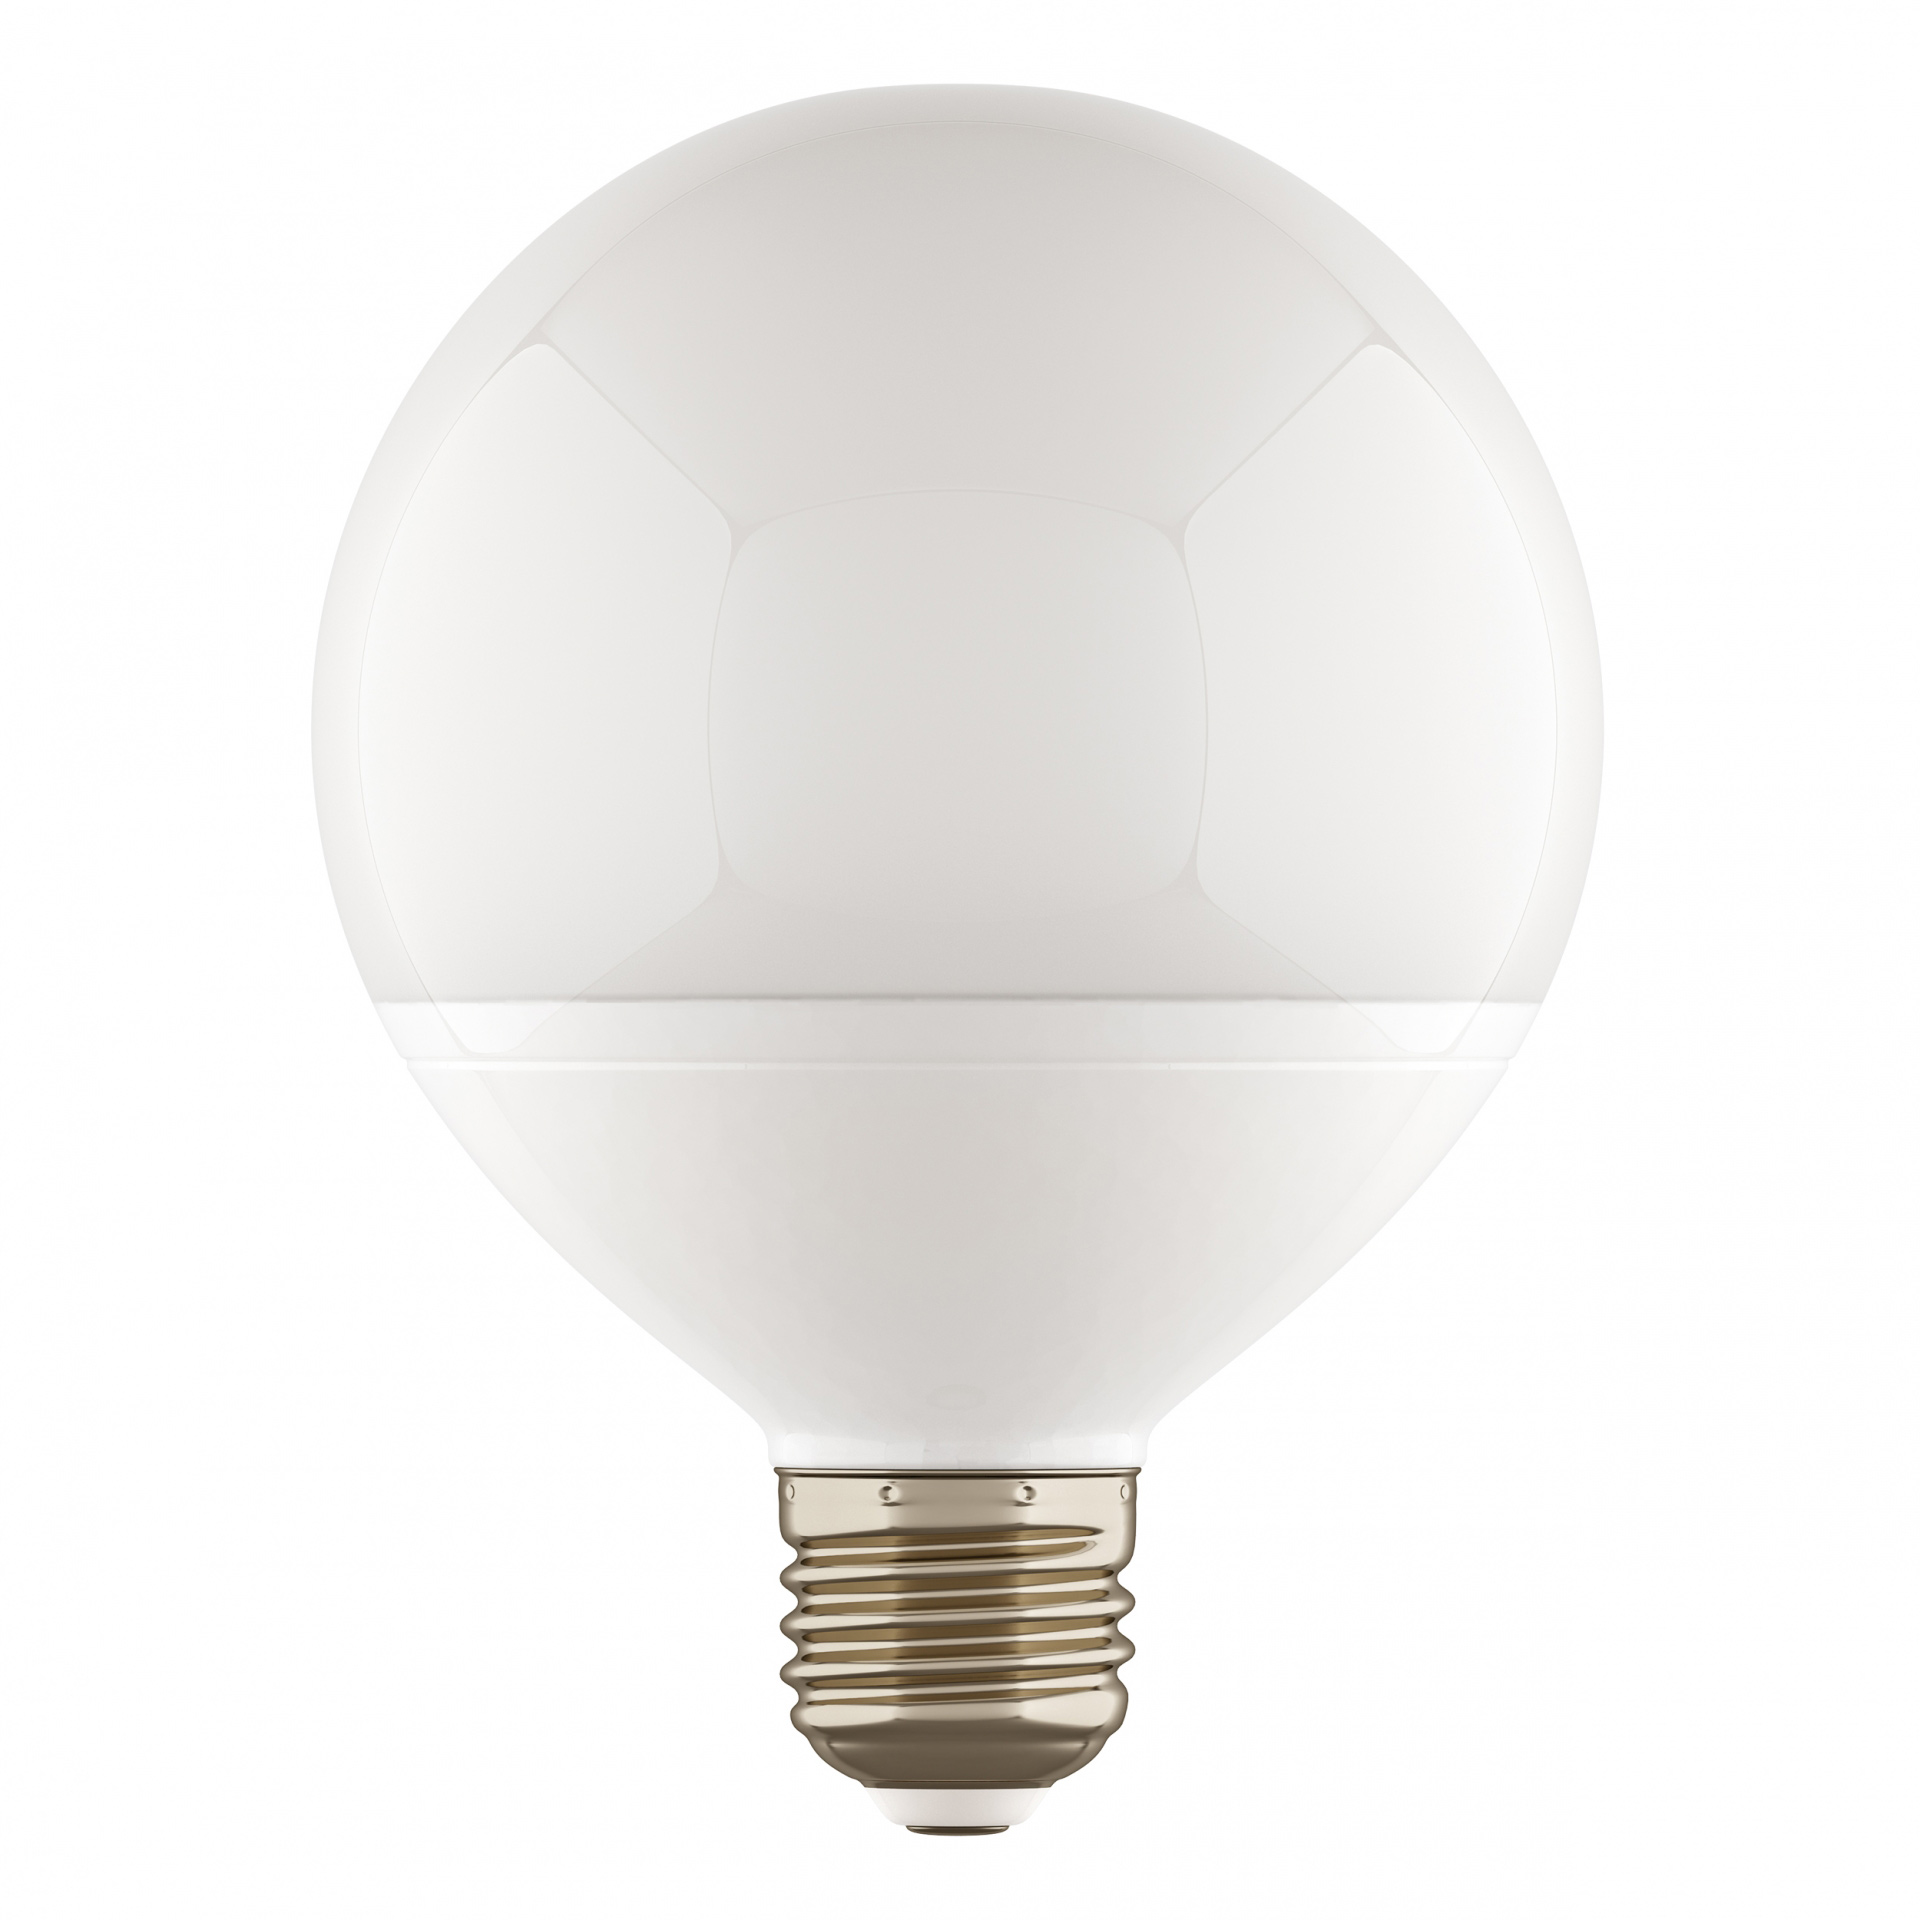 Лампа LED 220V G95 E27 13W=130W 1100LM 180G FR 4000K 20000H Lightstar 930314, купить в СПб, Москве, с доставкой, Санкт-Петербург, интернет-магазин люстр и светильников Starlight, фото в жизни